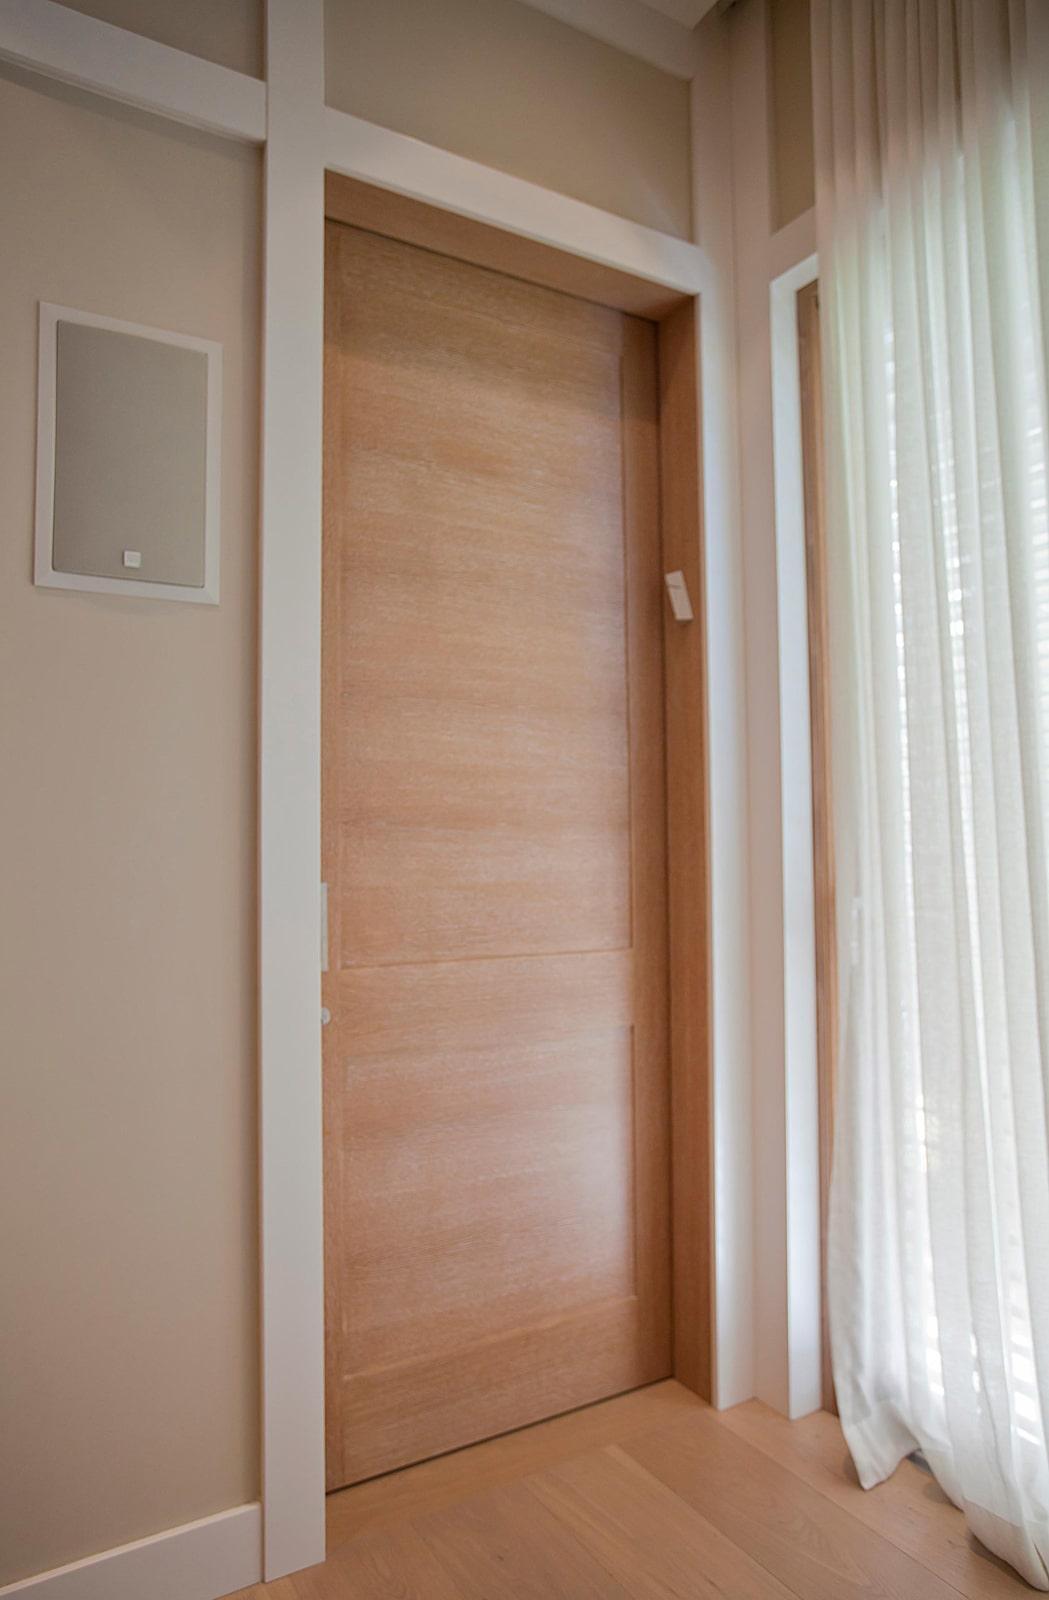 דלתות אלון אירופאי קרניזים ציפוי חיפוי קיר משקופים